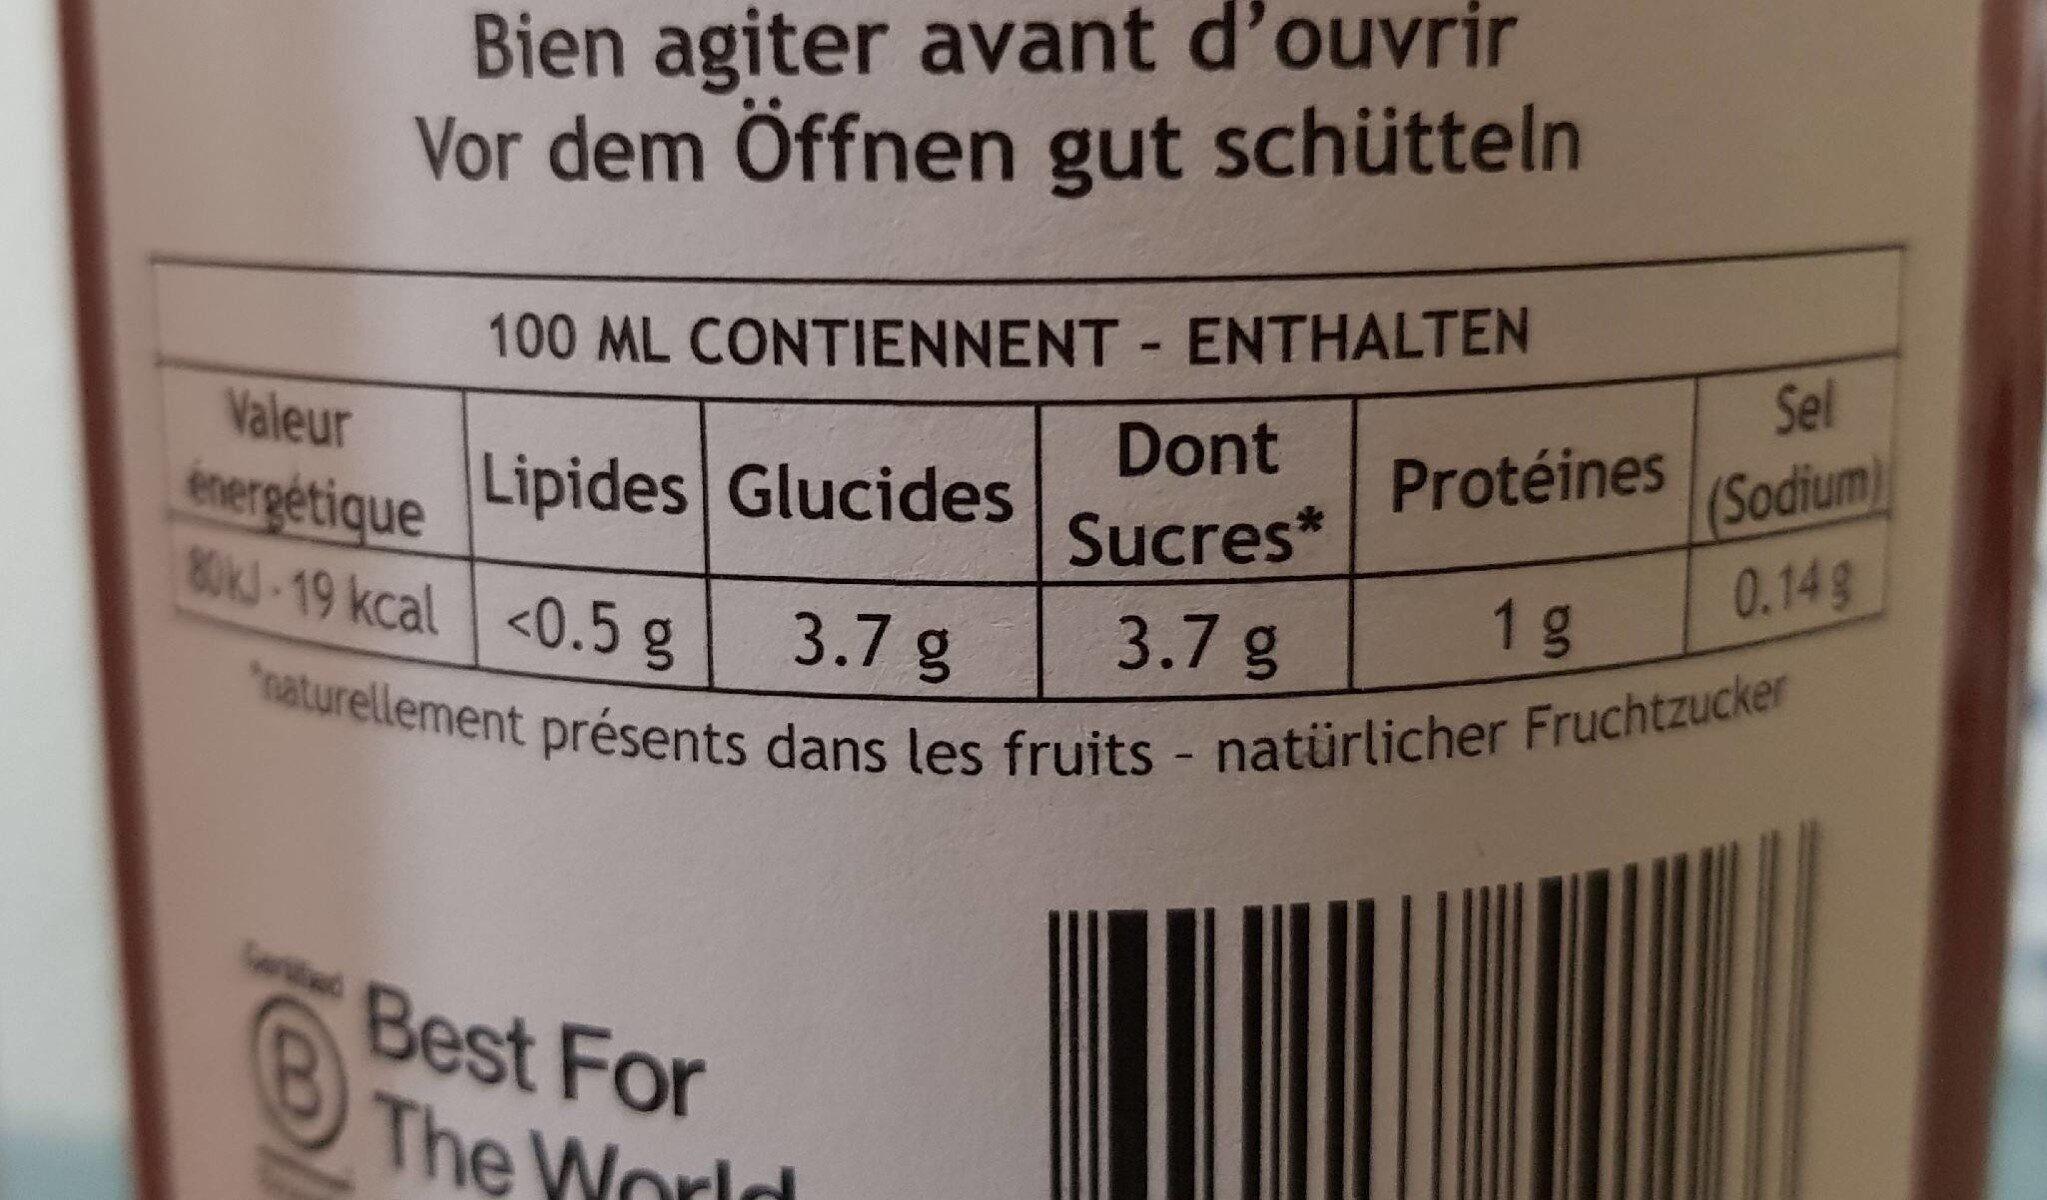 Jus de tomates - Nutrition facts - fr